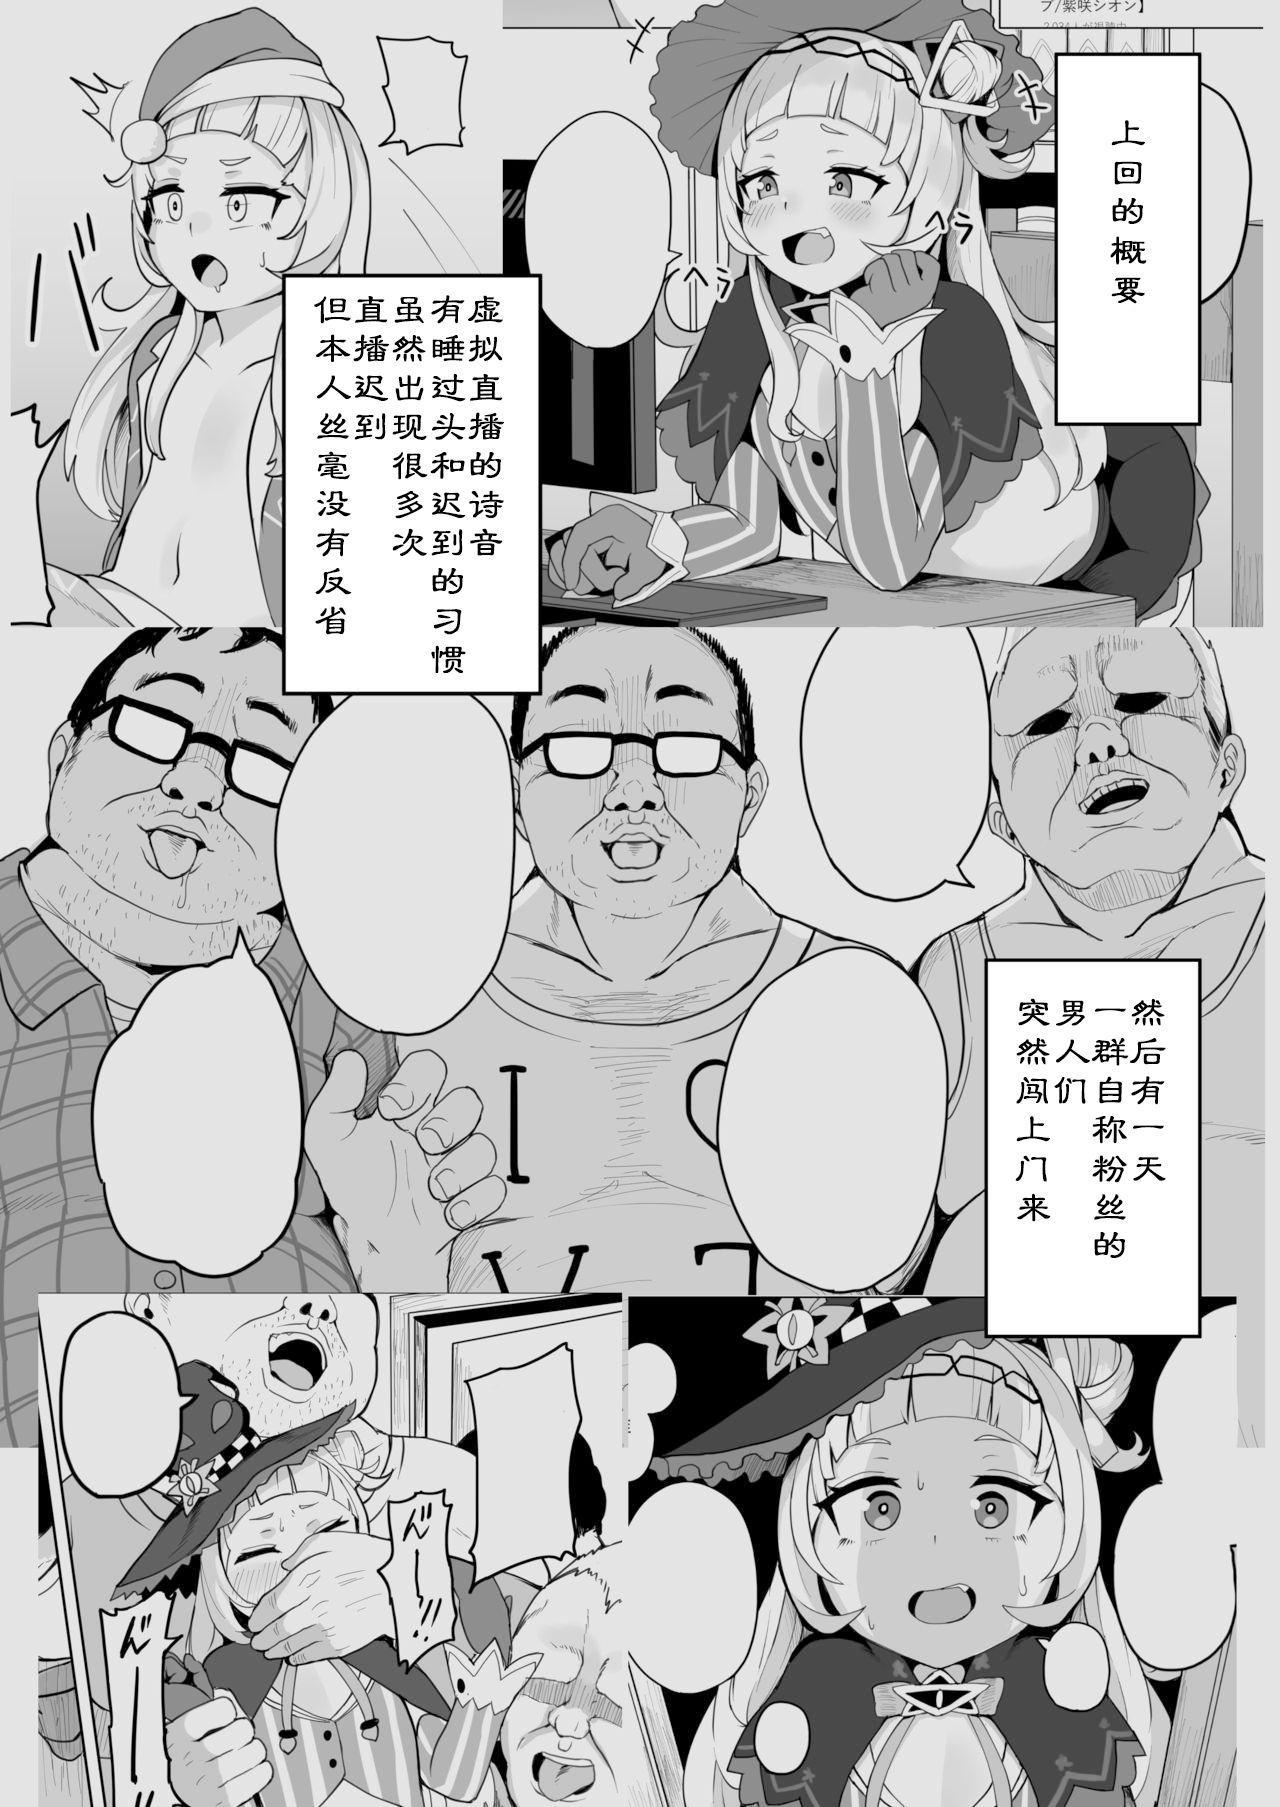 Aqua-chan wa Douki no Tame nara  阿库娅酱为了同期生的话 2